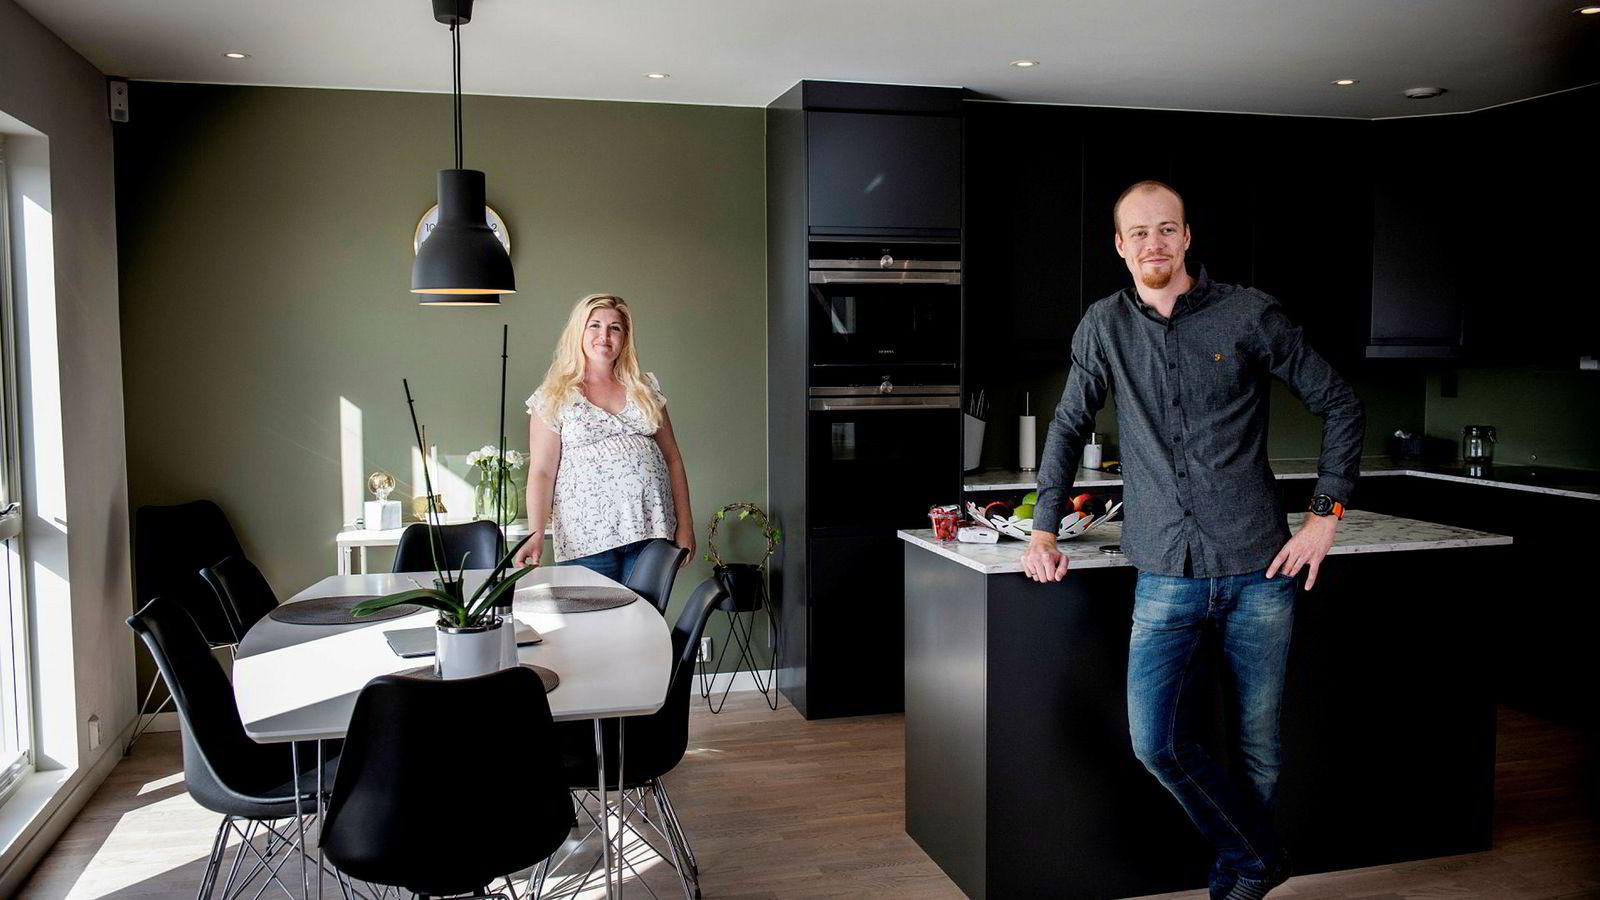 Peter Johannes (31) og Karoline Korsvold Jonsson (30) har flyttet inn i et nybygg på Kjeller. Av hensyn til forutsigbarhet, valgte de å binde renten på boliglånet. Foto: Skjalg Bøhmer Vold